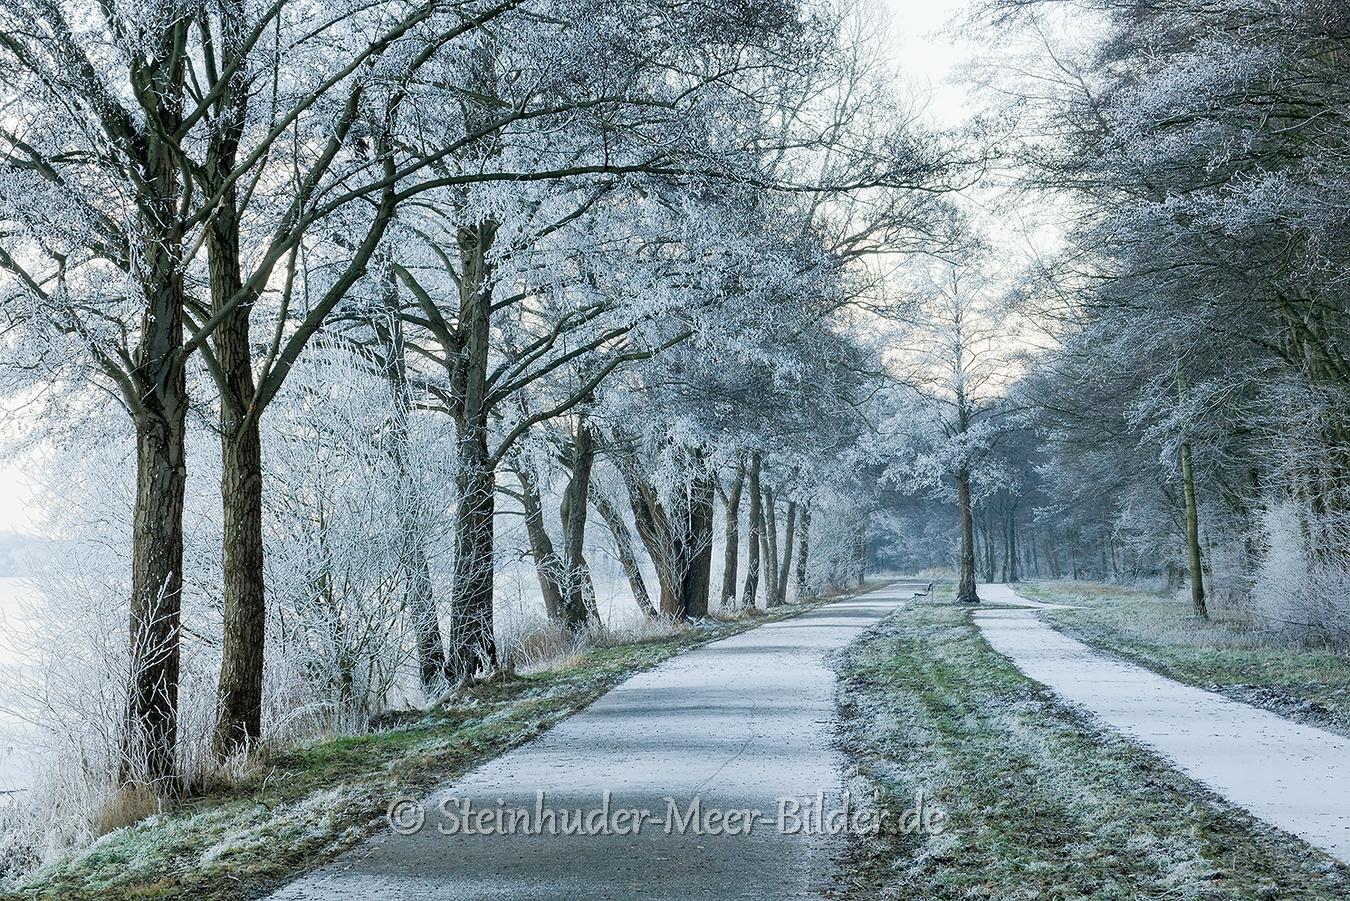 hagenburg--winter-steinhuder-meer-eis-schnee-zugefroren-eisdecke-naturpark-naturraum-region-RX_01142